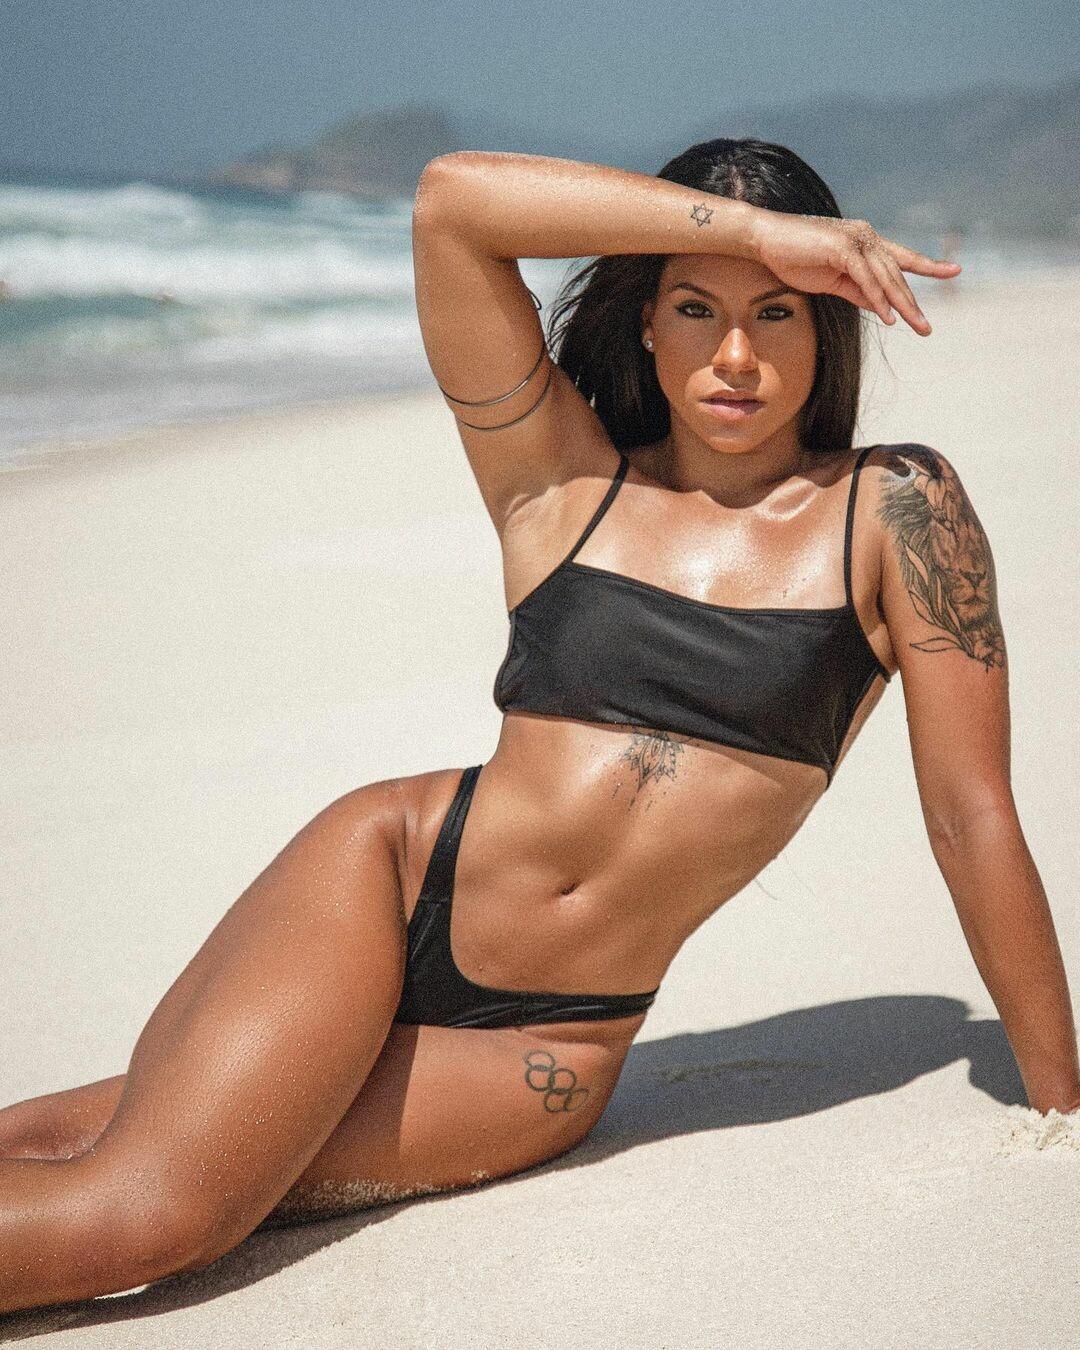 Любителька сексу на Олімпіаді показала своє гарне тіло - фото 3